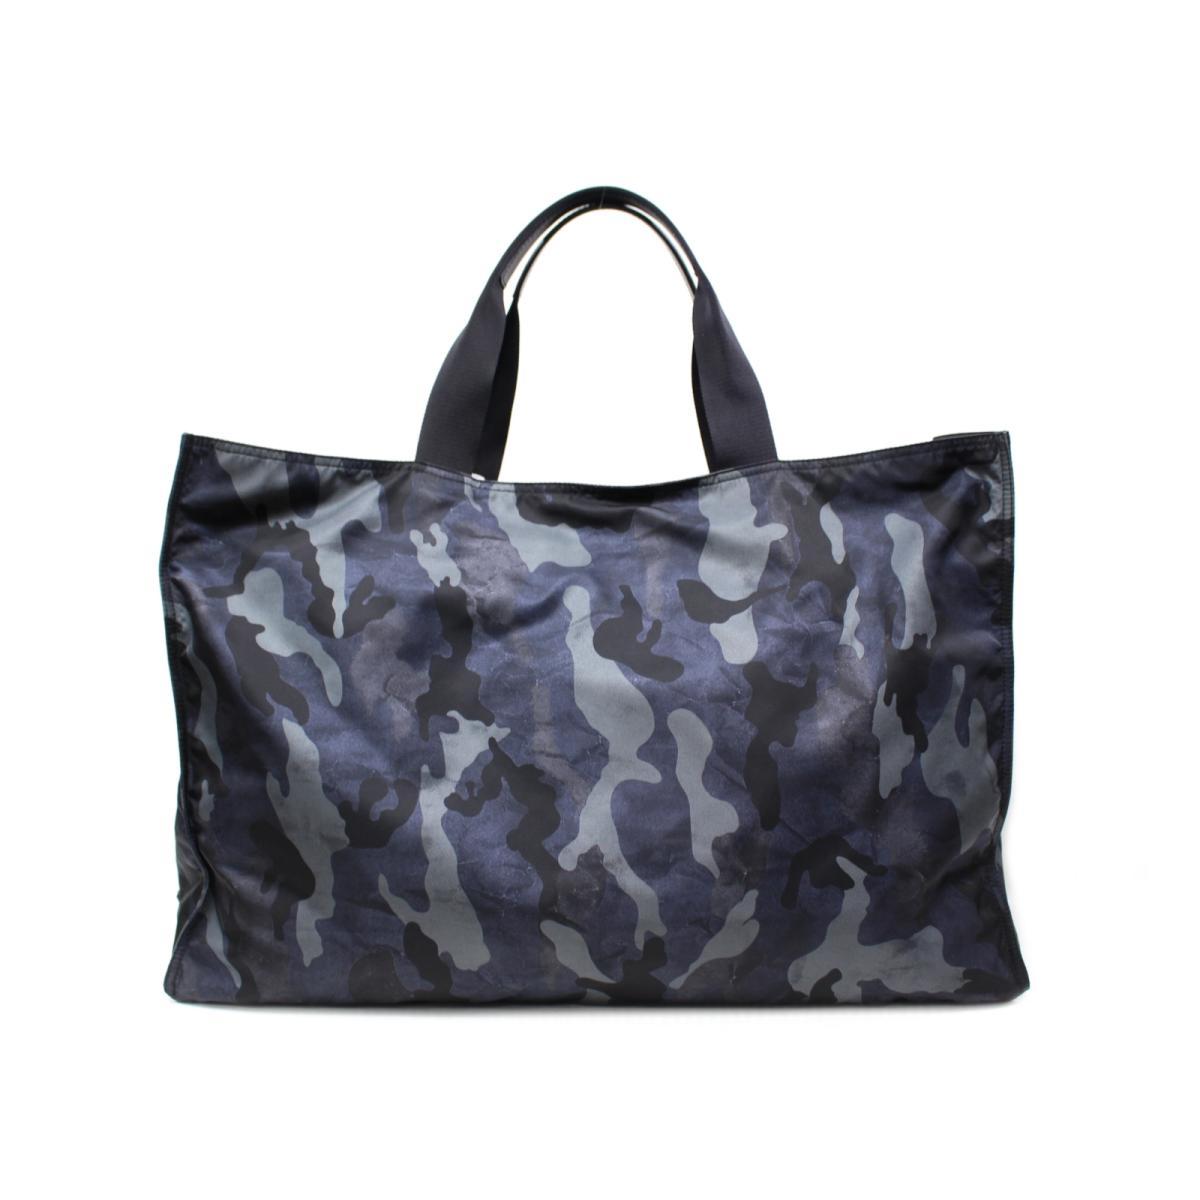 feb6ae6b9b87 Authentic PRADA camouflage pattern tote HandBag nylon navy X Black X gray